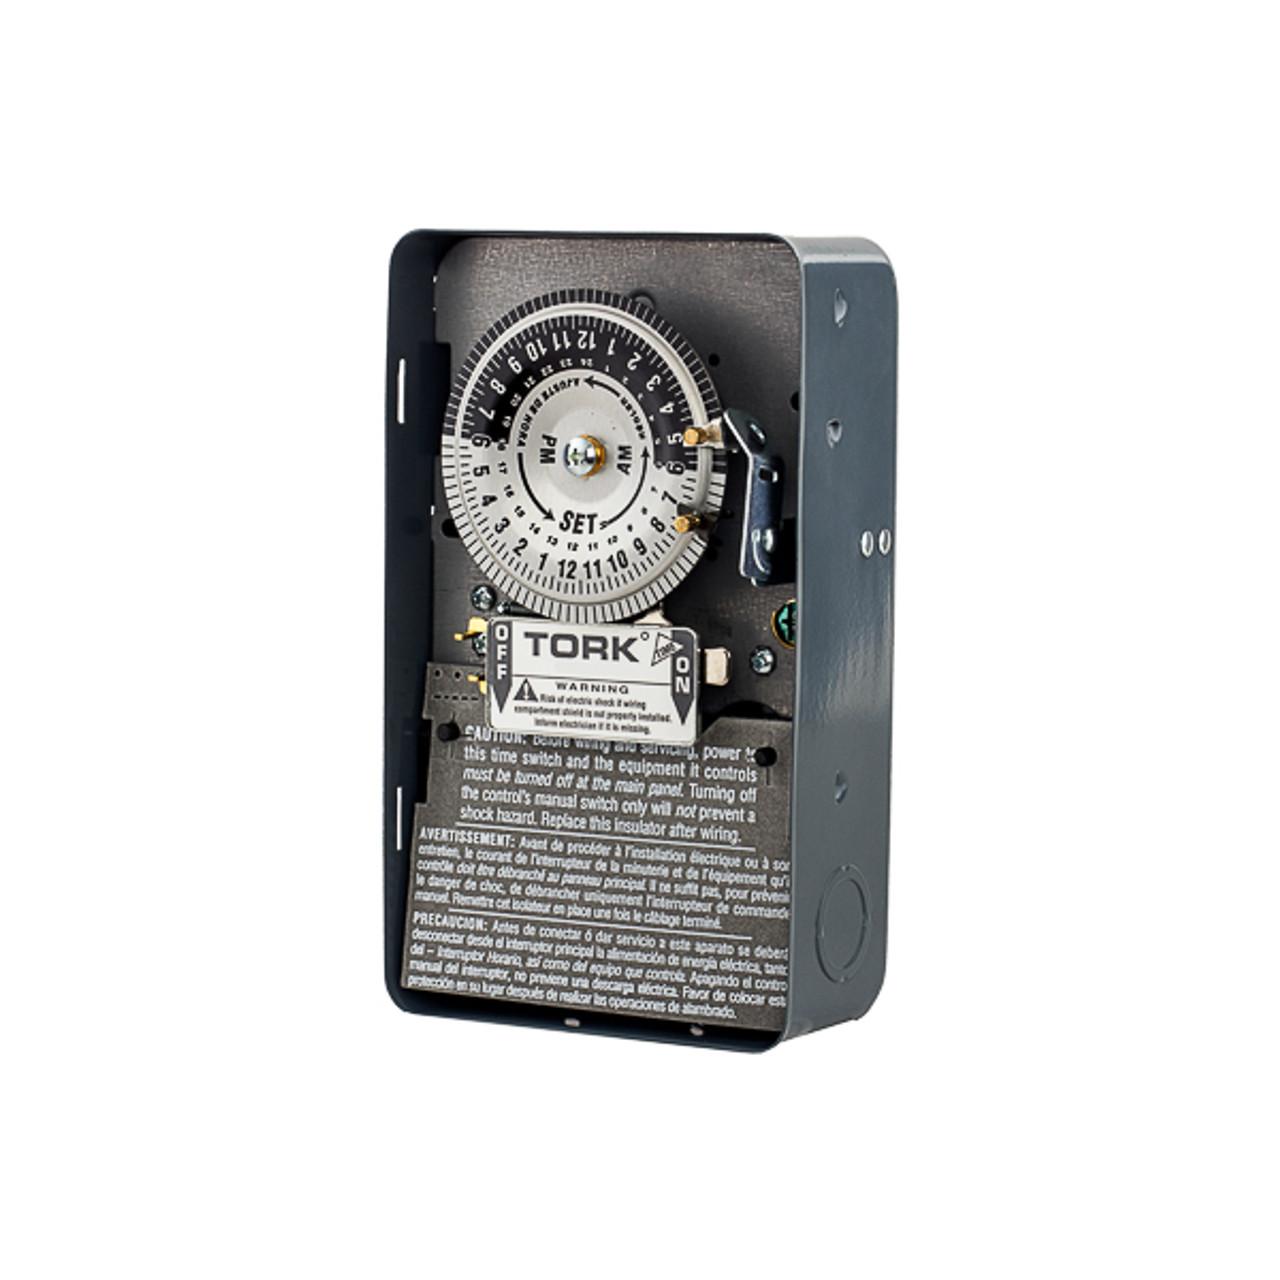 Nsi Tork 1104BM-IAP 208-277v DPST Timer Mechanism